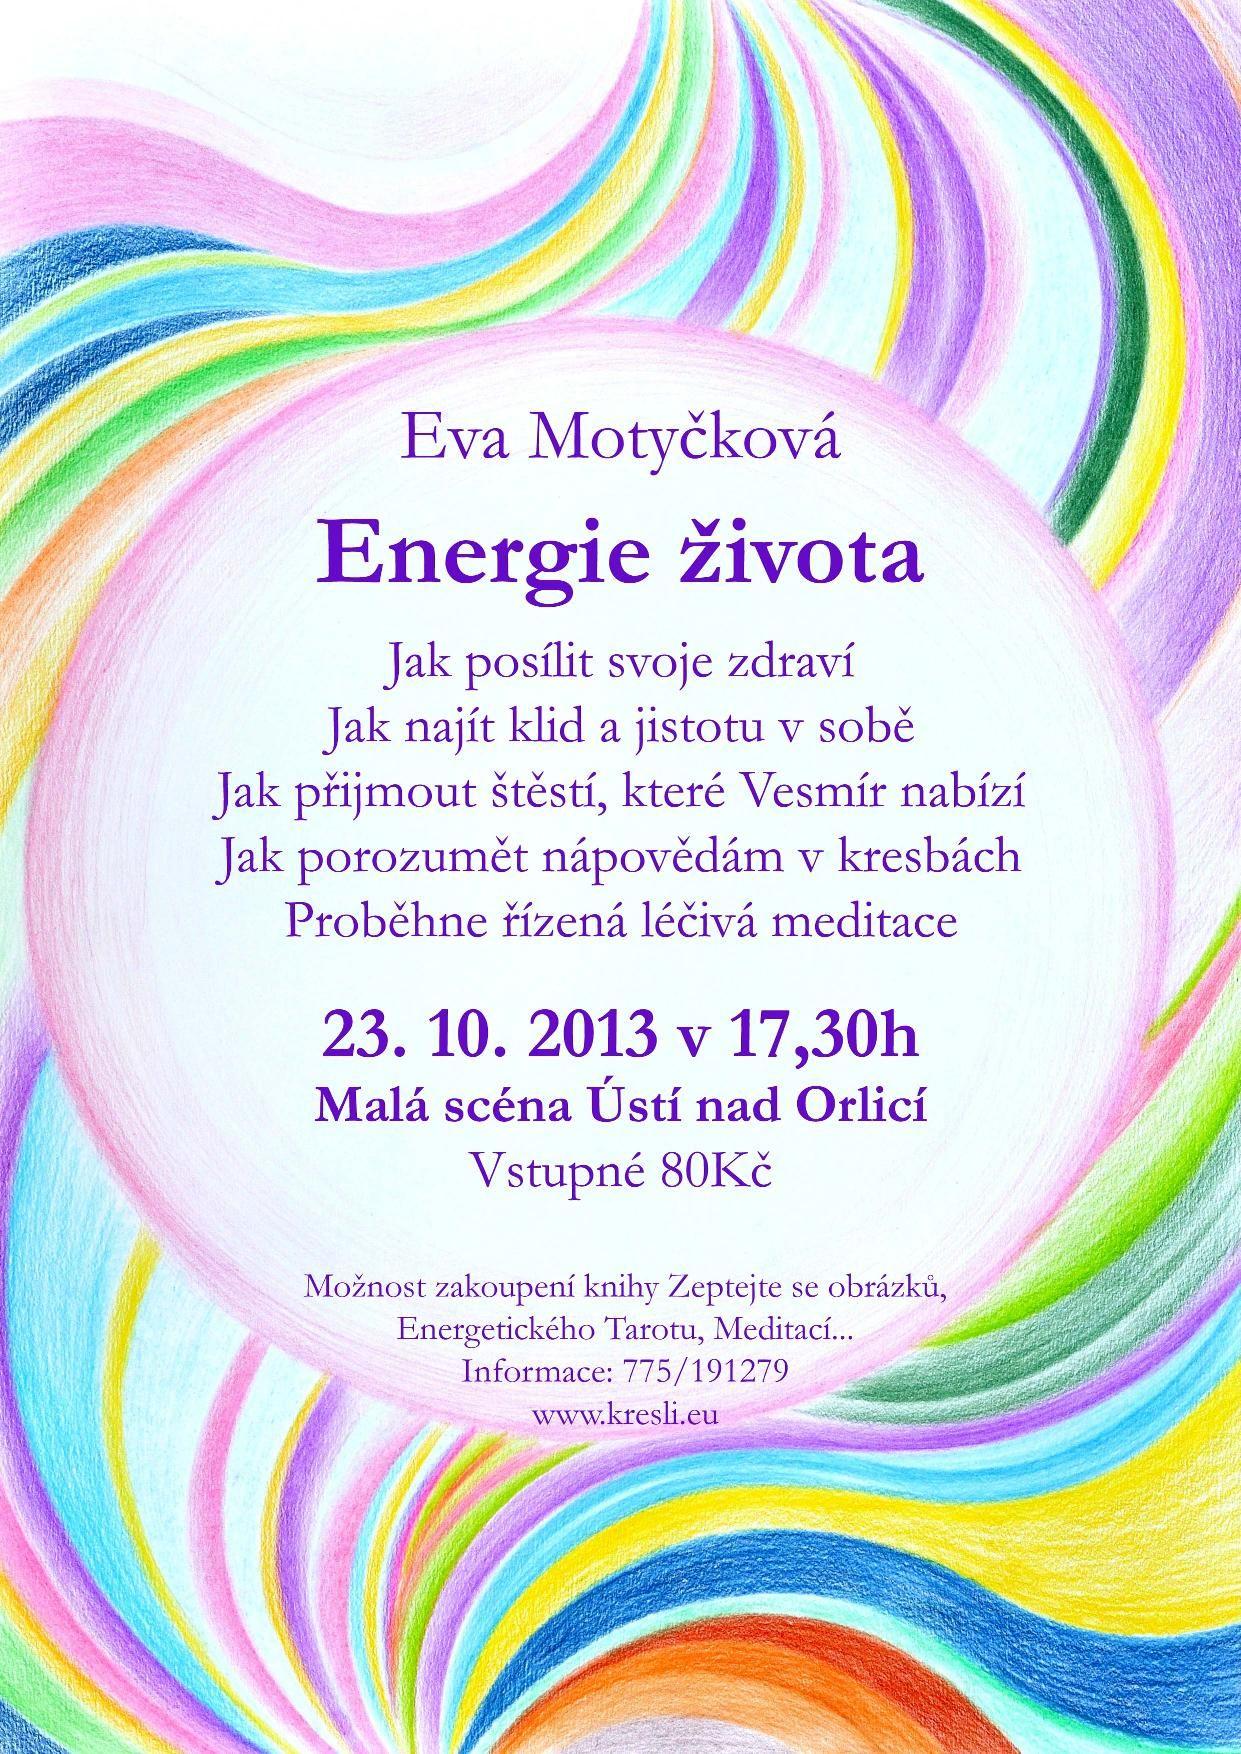 Eva Motyčková. Energie života